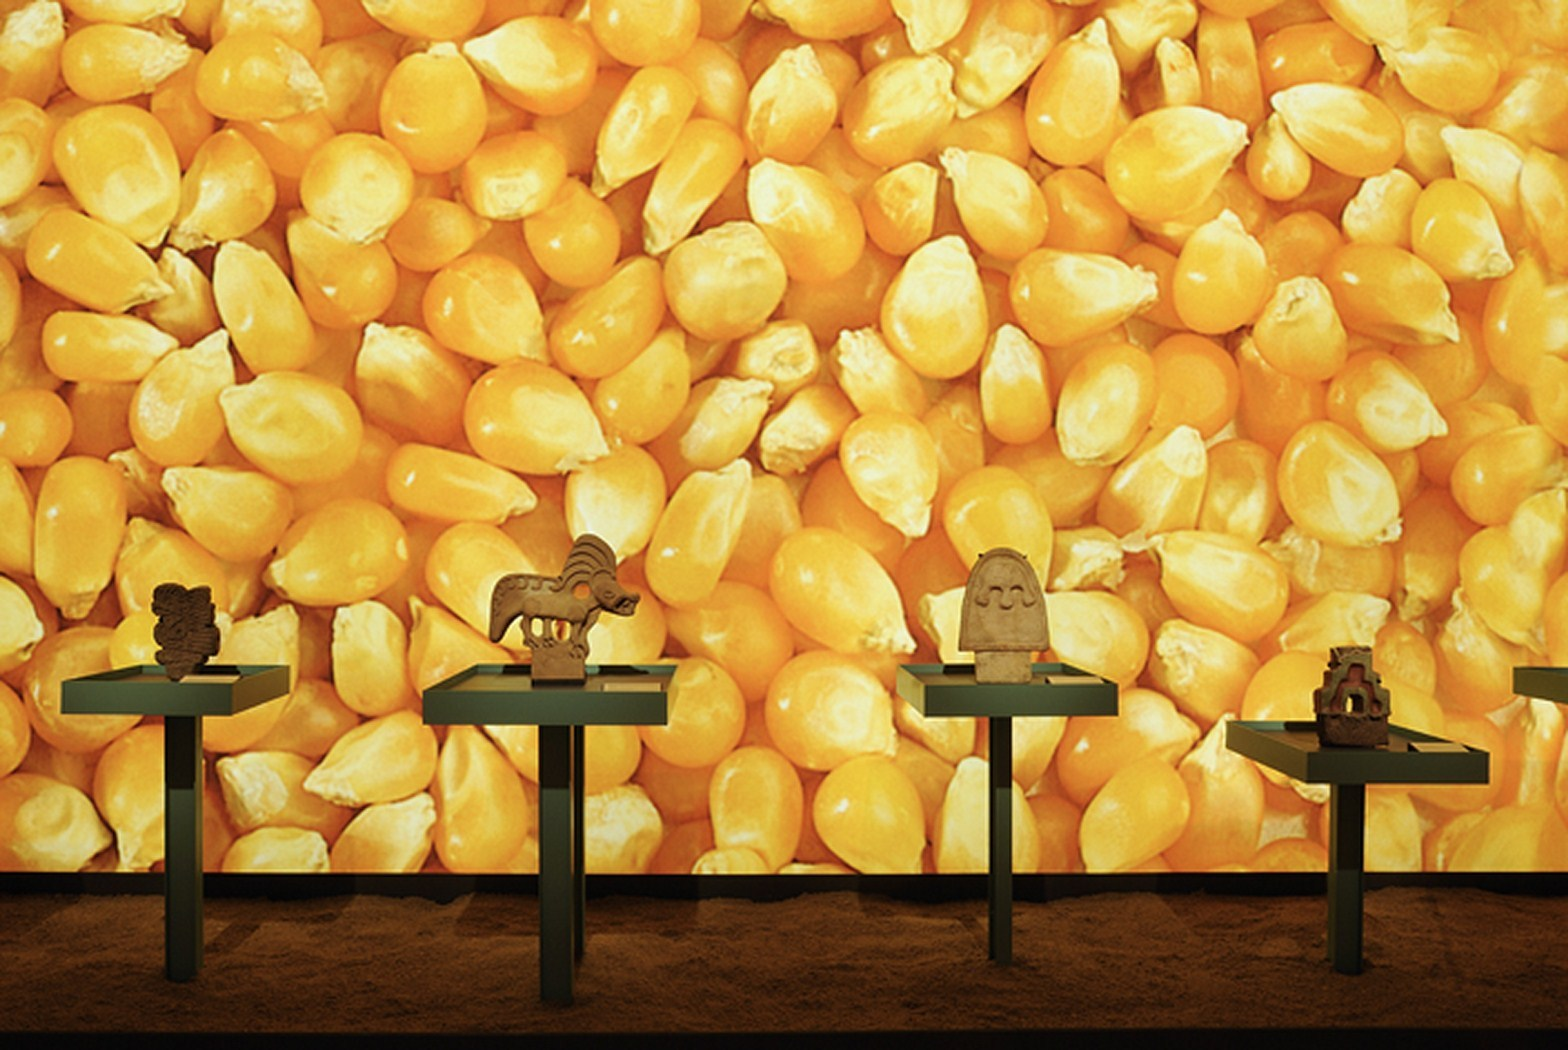 קירות דקורטיביים במוזיאונים ואולמות תצוגה 3D Feel